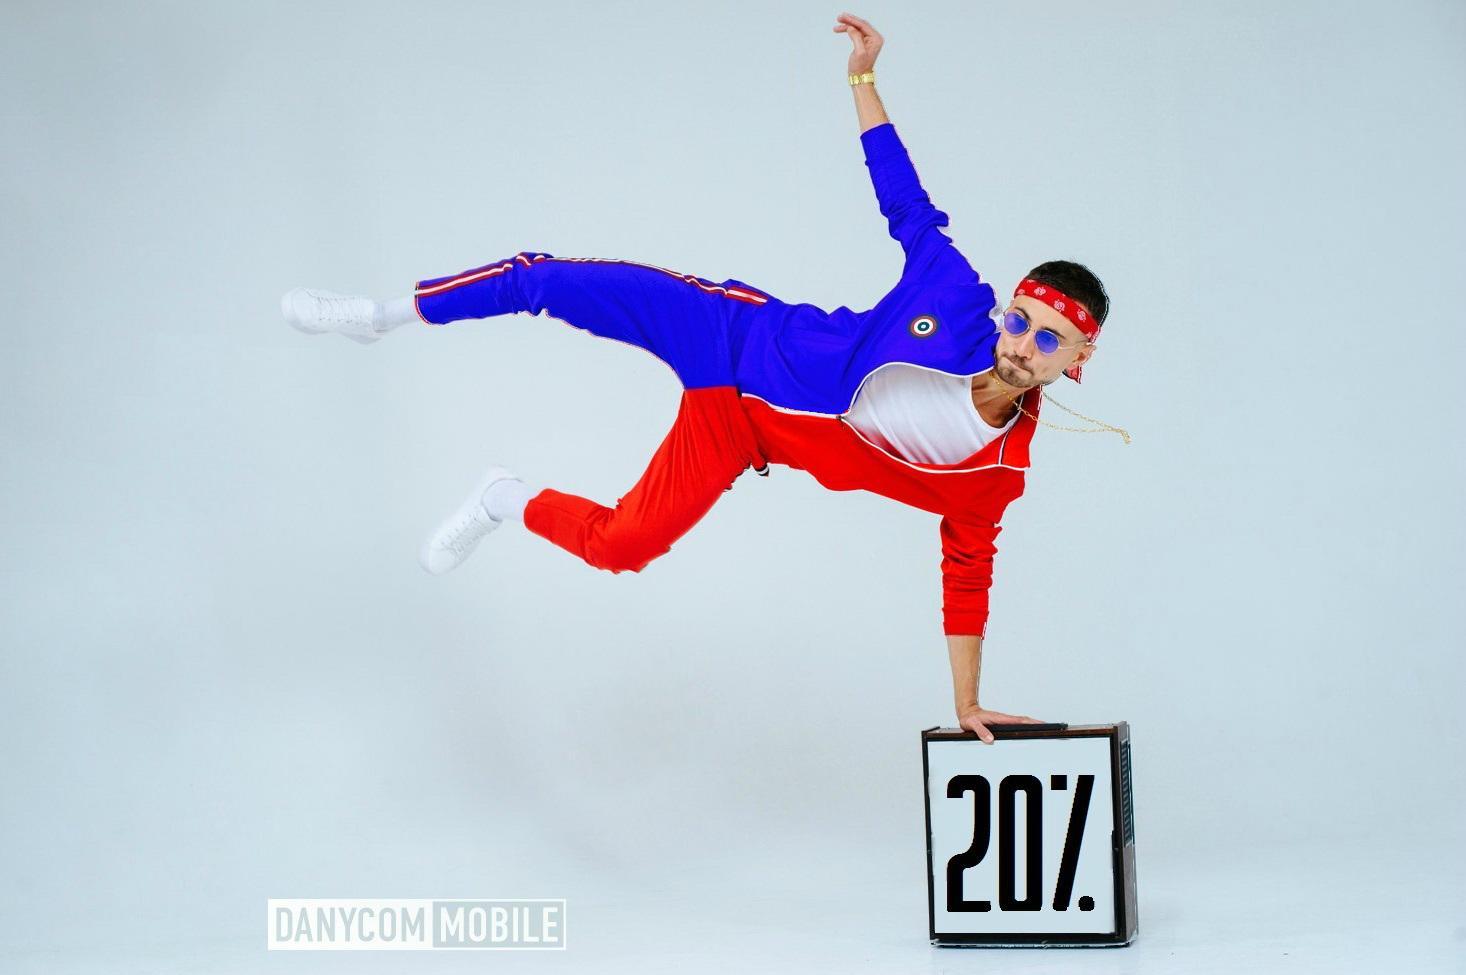 DANYCOM.Mobile увеличивает на 20% стоимость обмена трафика 1